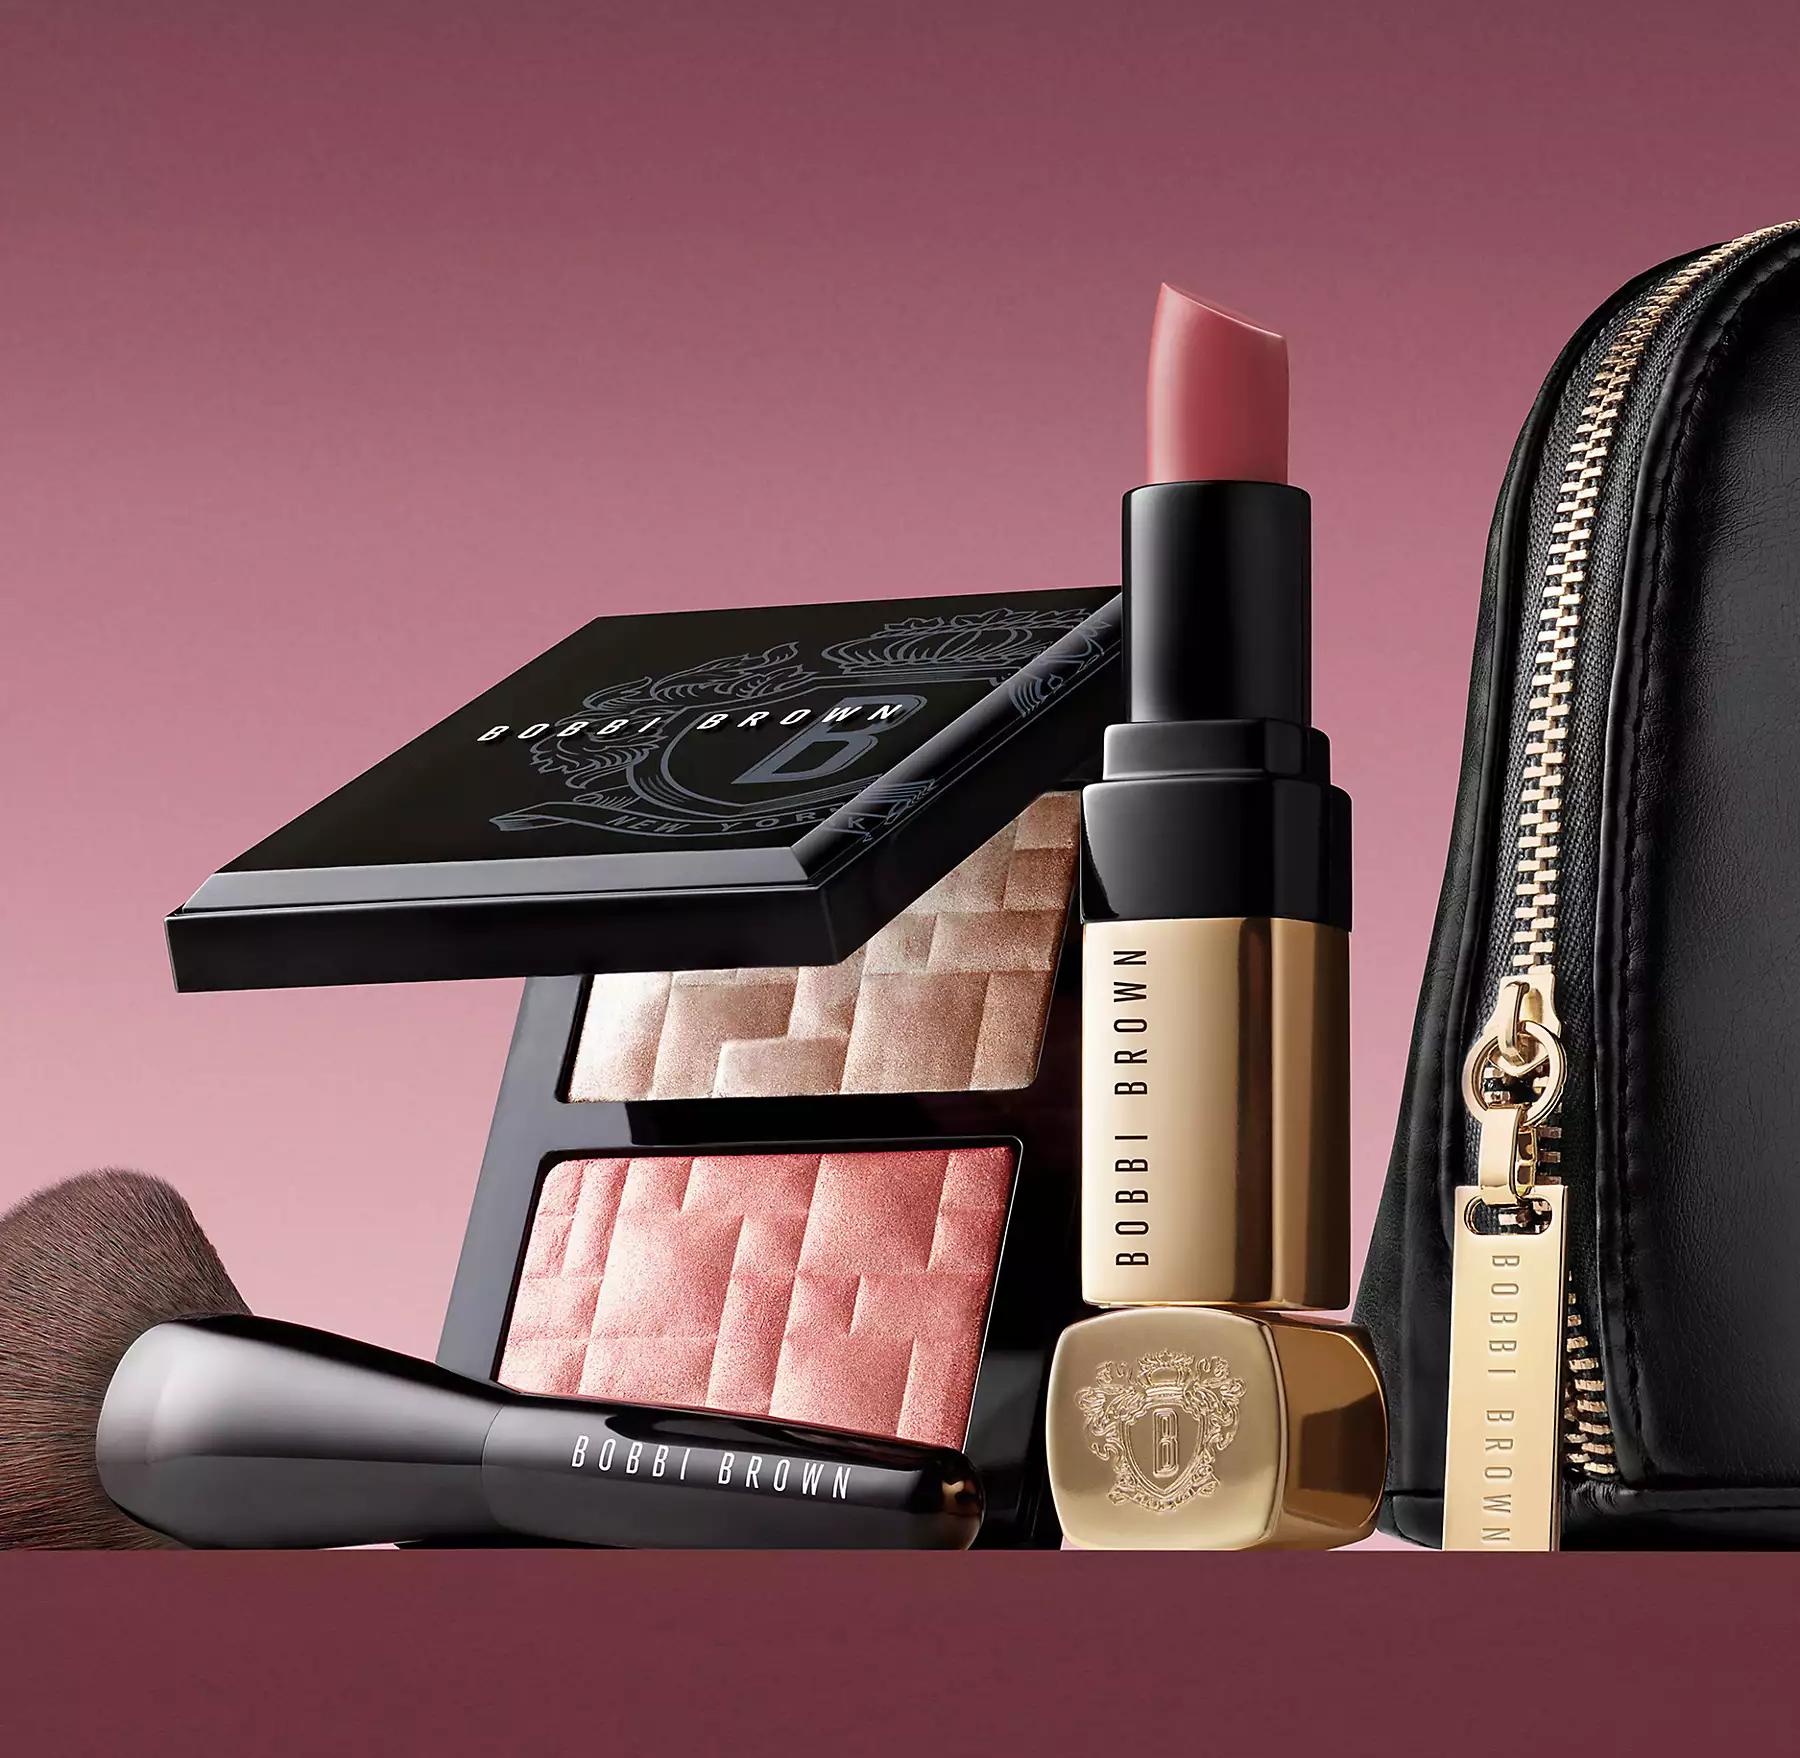 Bobbi Brown Luxe Glow Cheek & Lip Gift Set